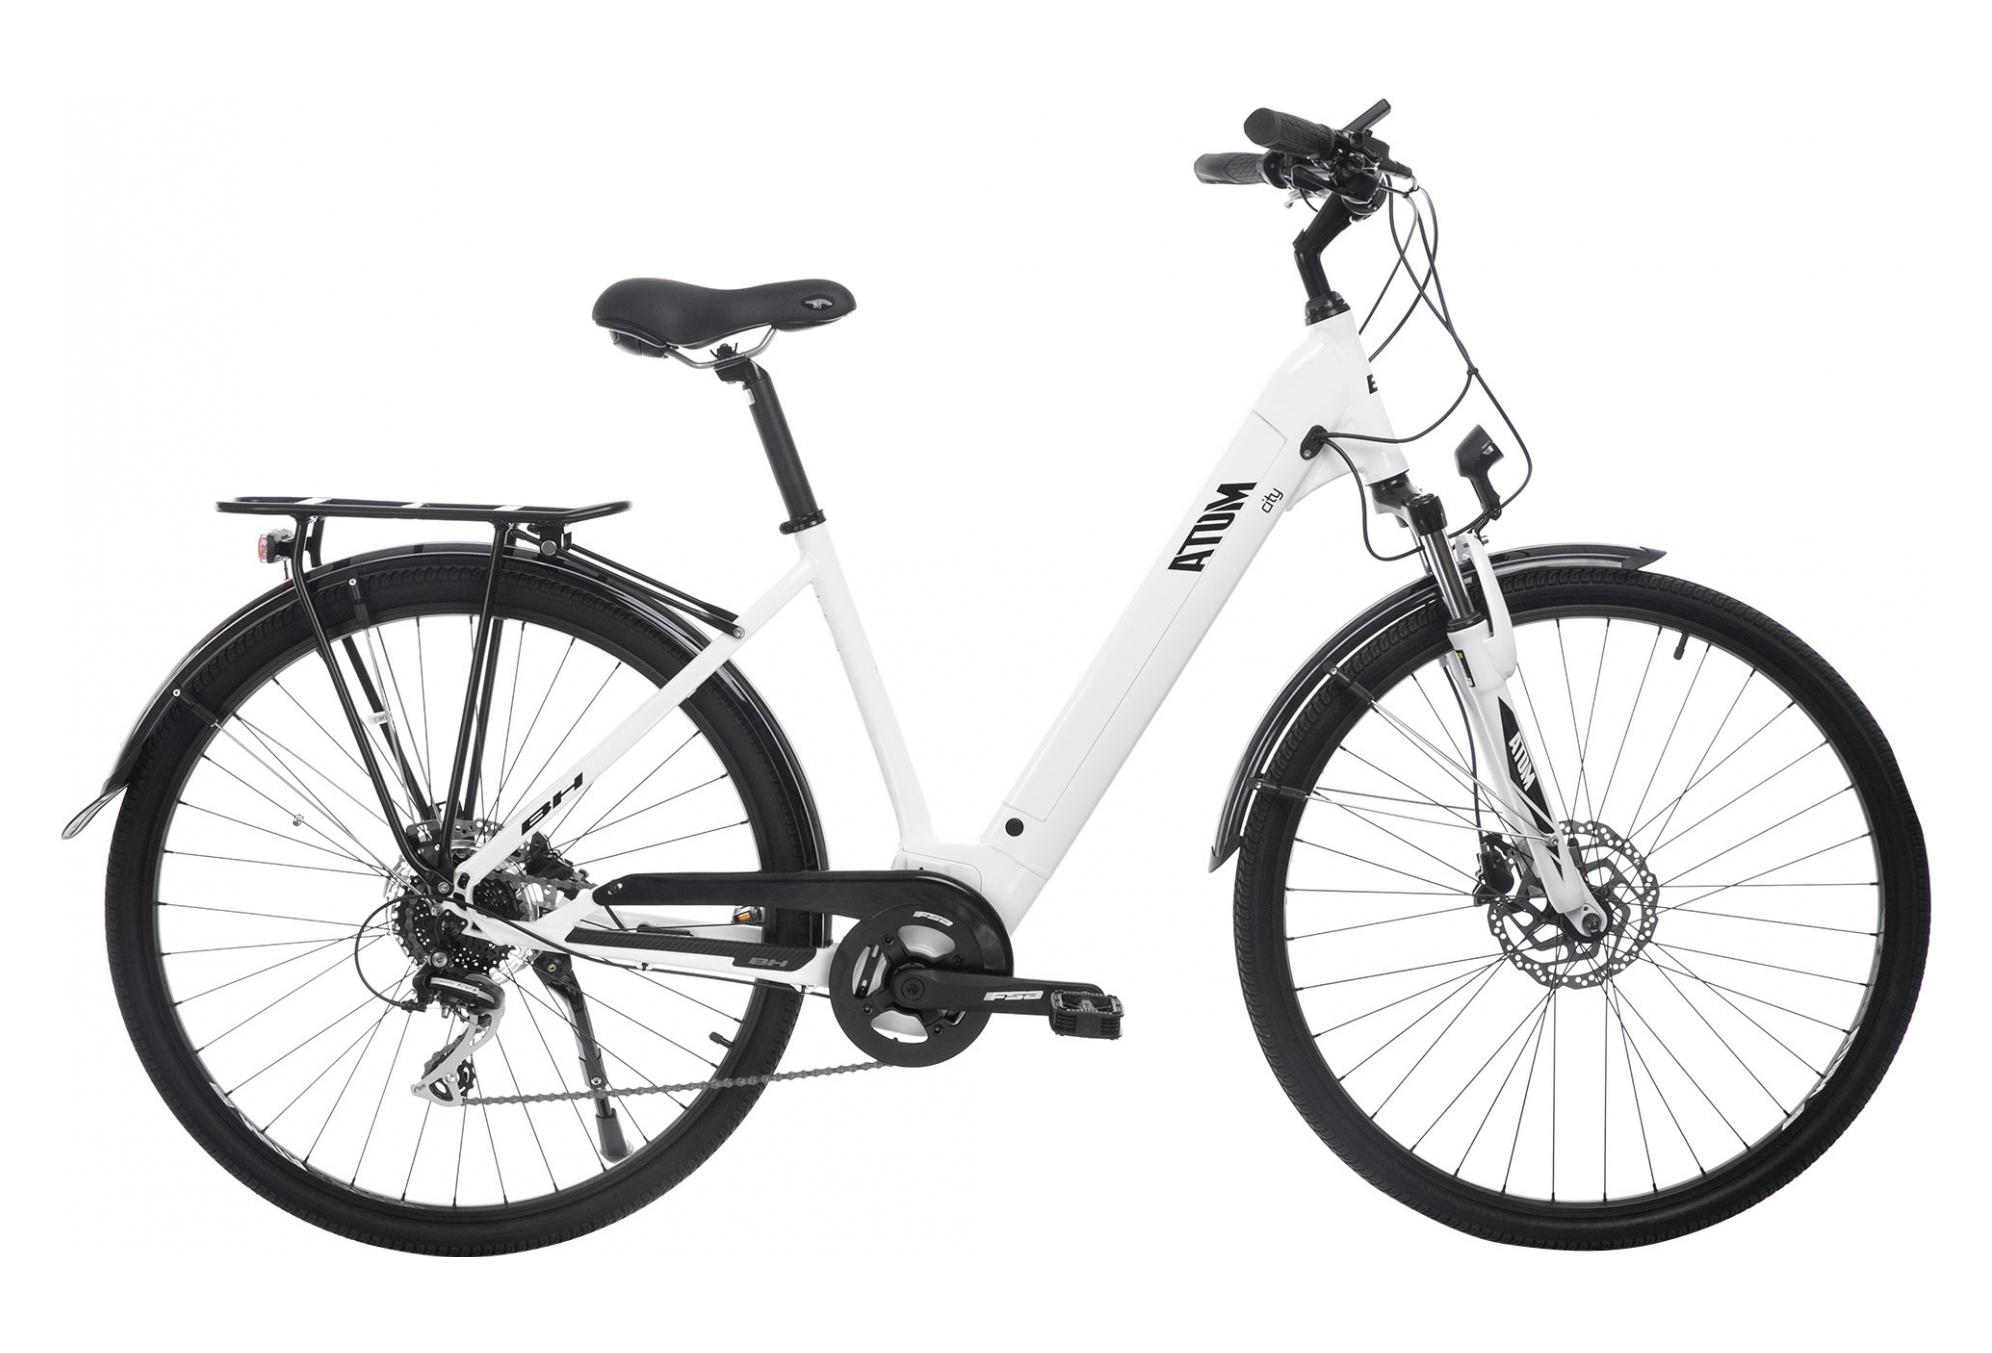 Vélo à assistance électrique BH Atom Wave City (2019) - blanc/noir, taille M